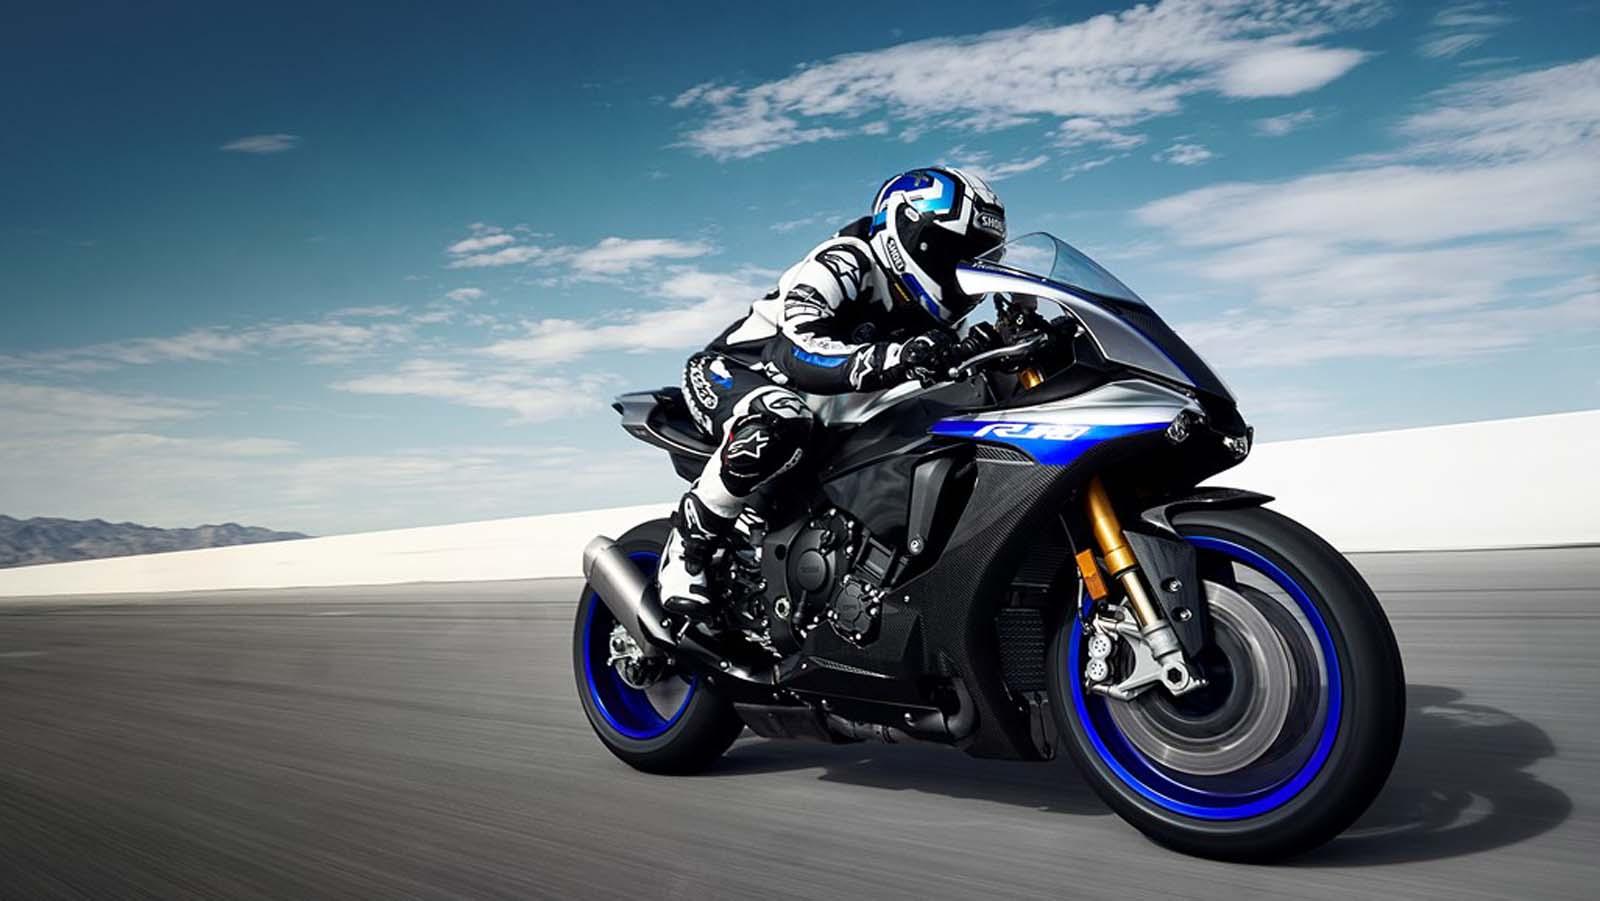 Merasakan Rossi dengan Yamaha YZF-R1M